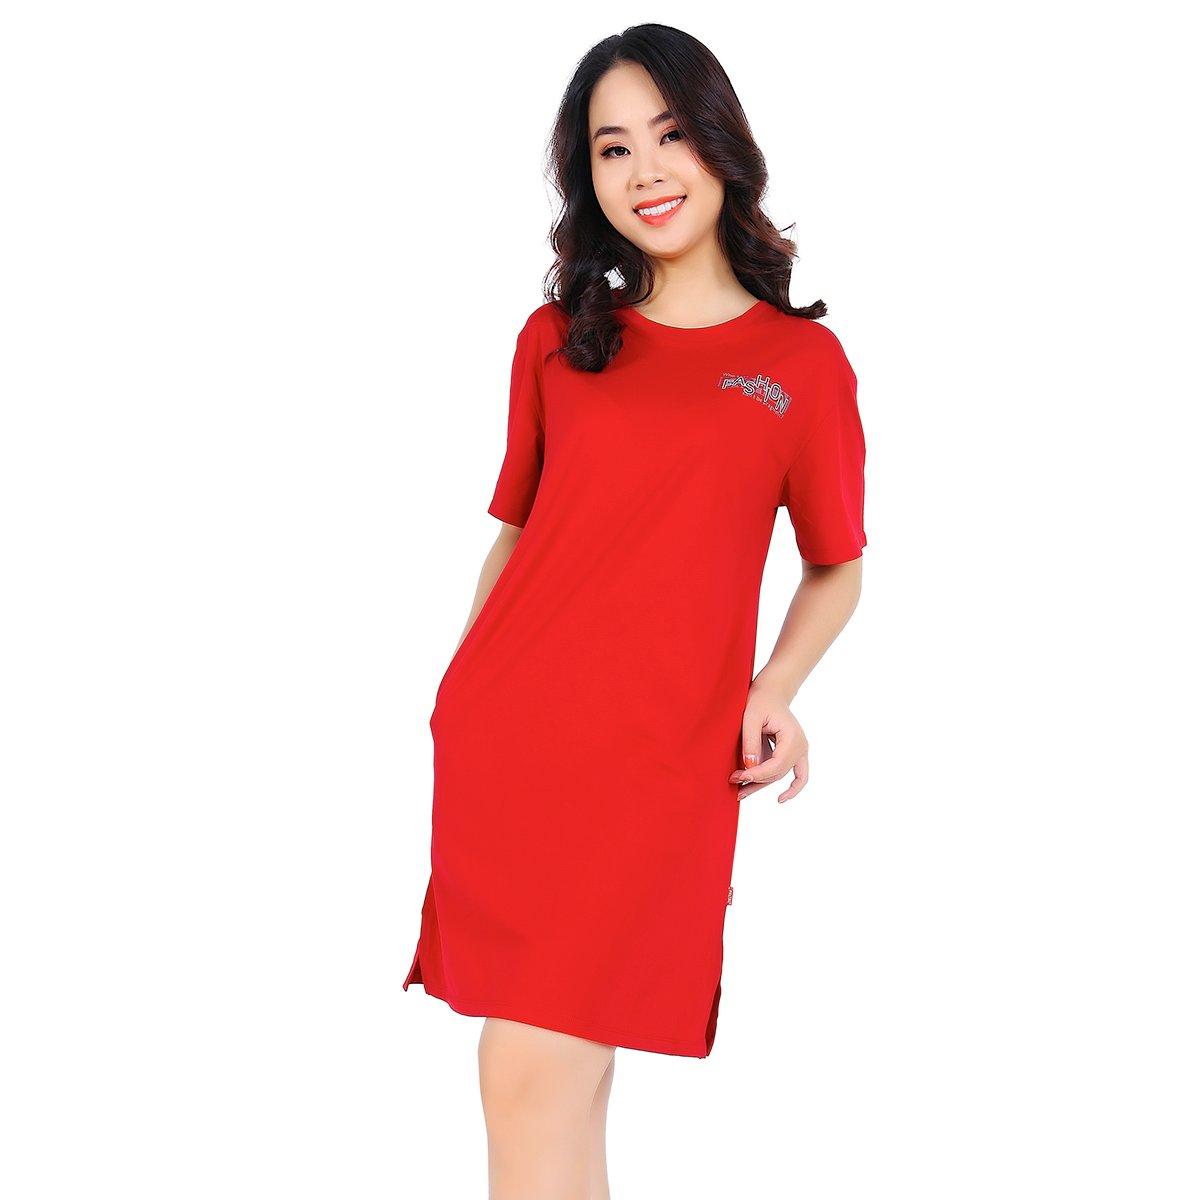 Váy đầm áo đầm tay ngắn cao cấp paltal addtn 022p 2010